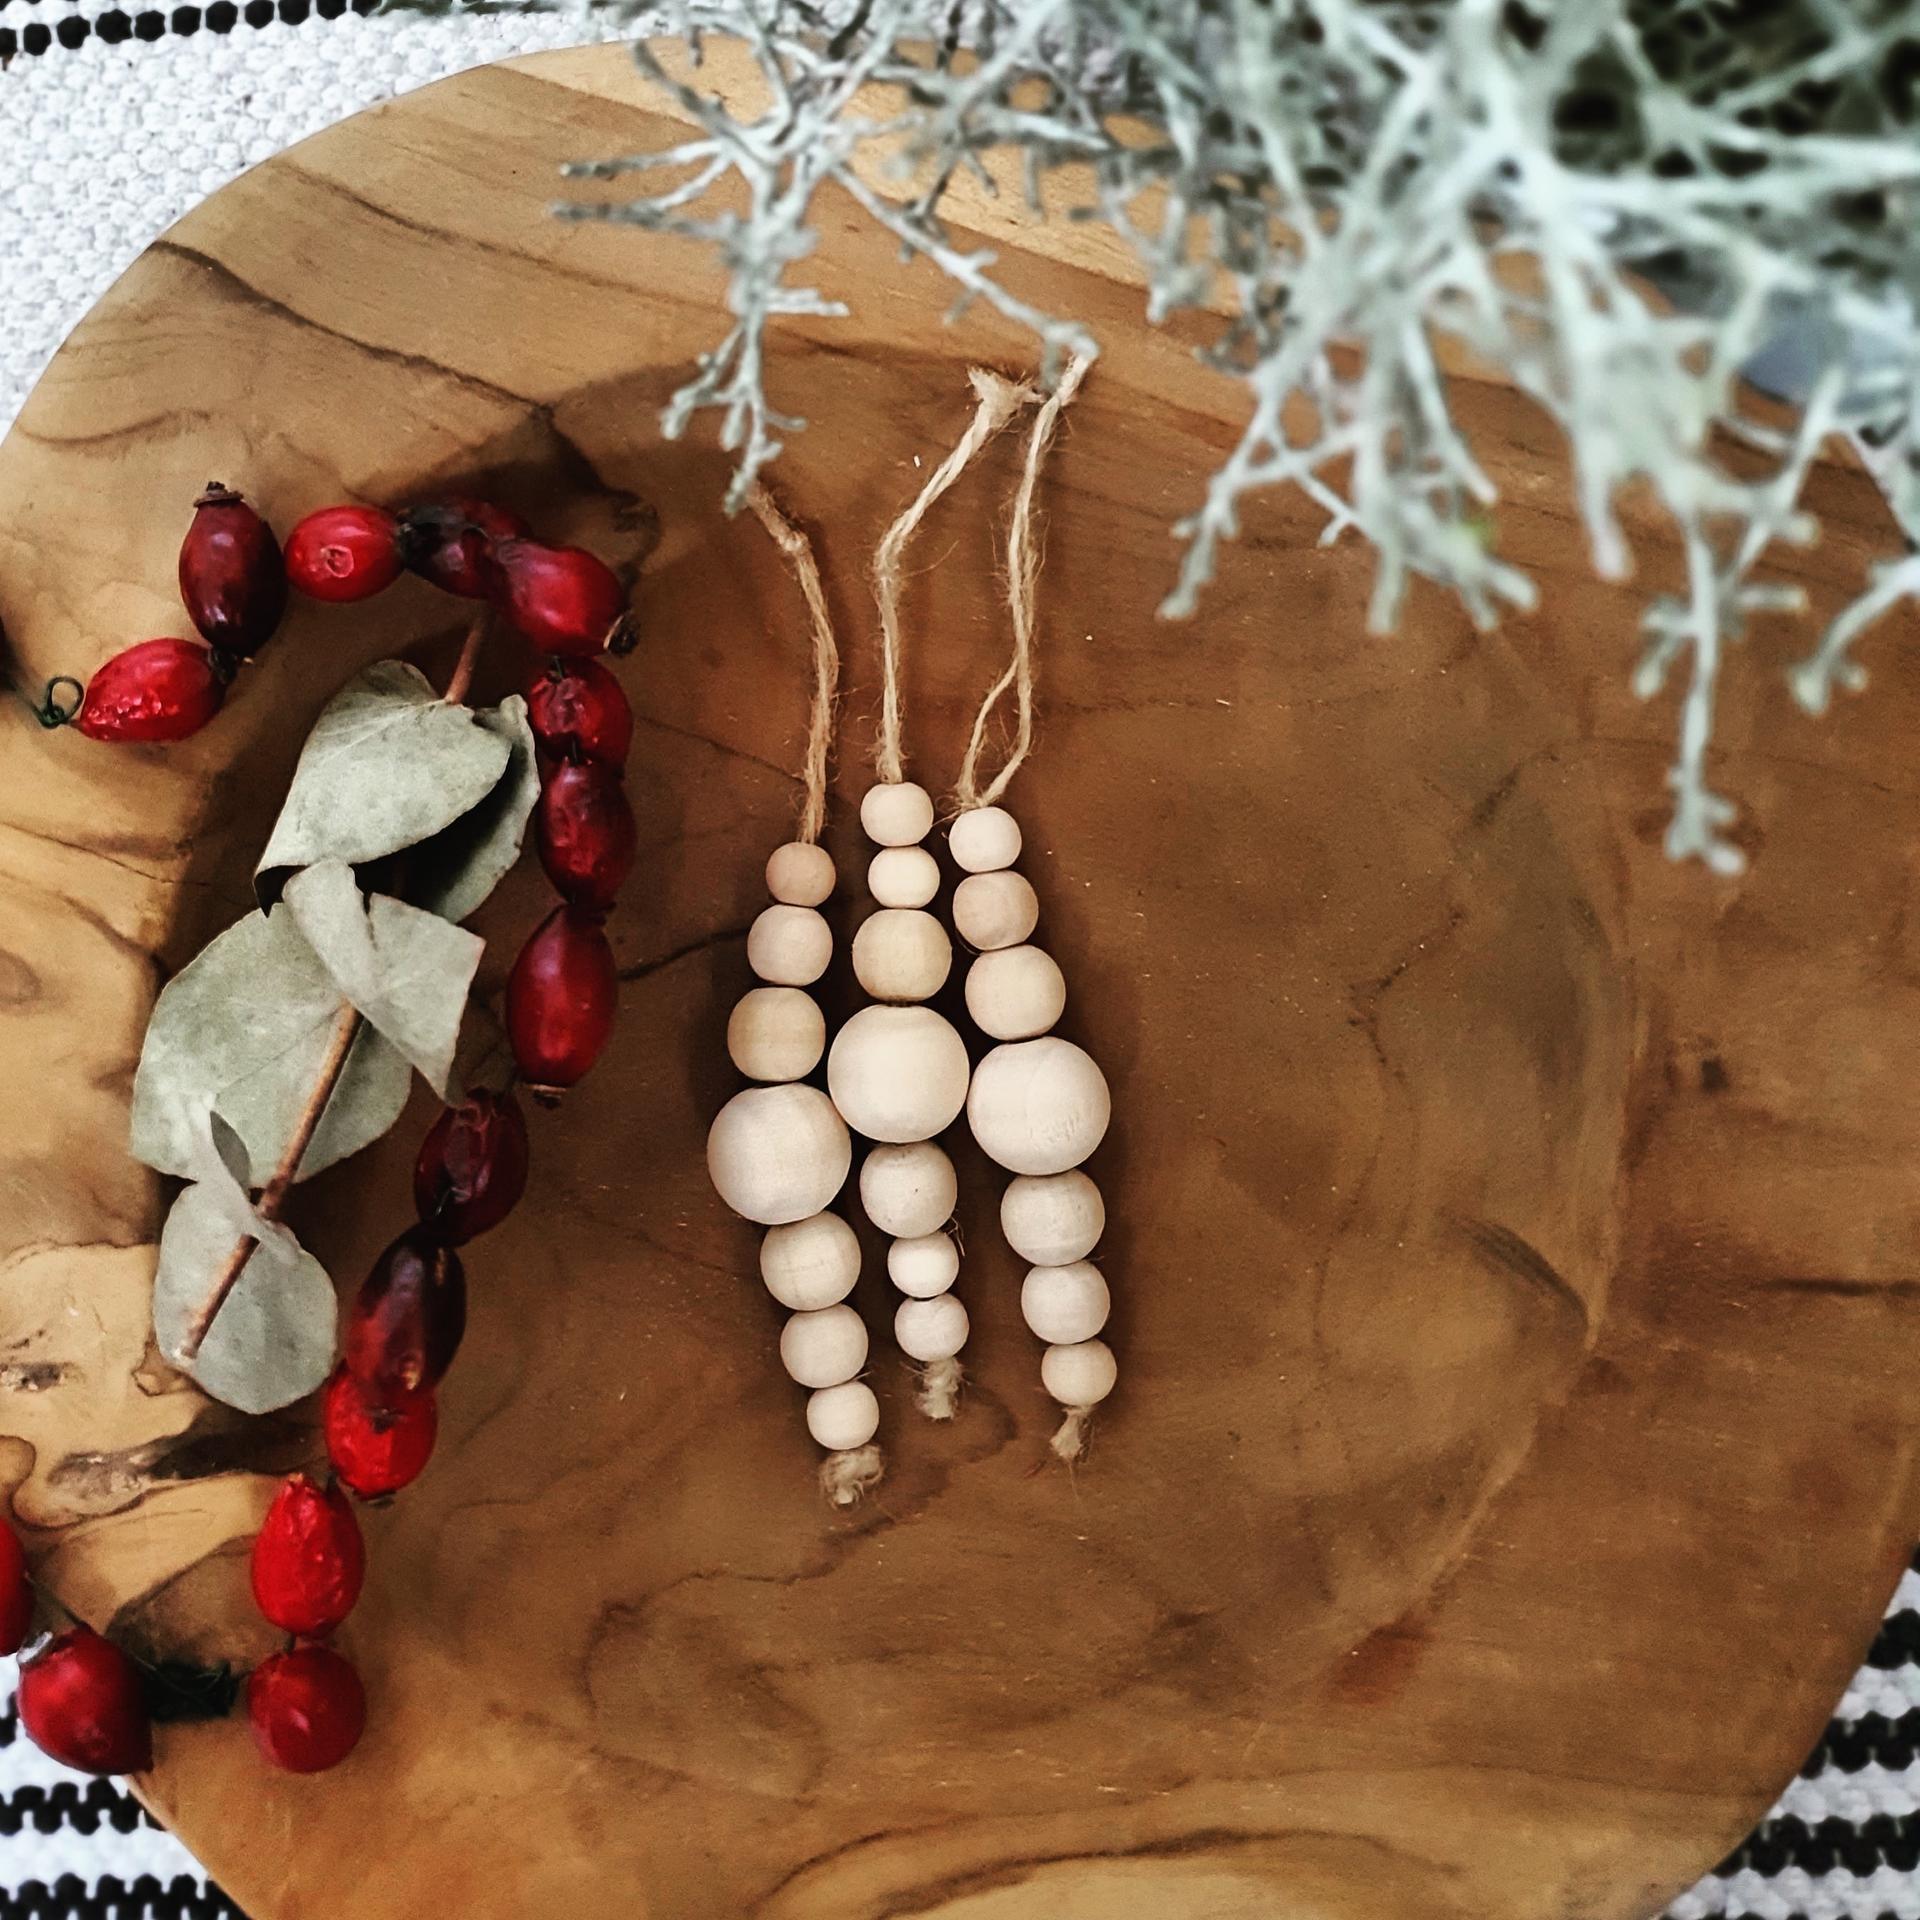 Vianočné dekorácie/Vianočná inšpirácia - Obrázok č. 1